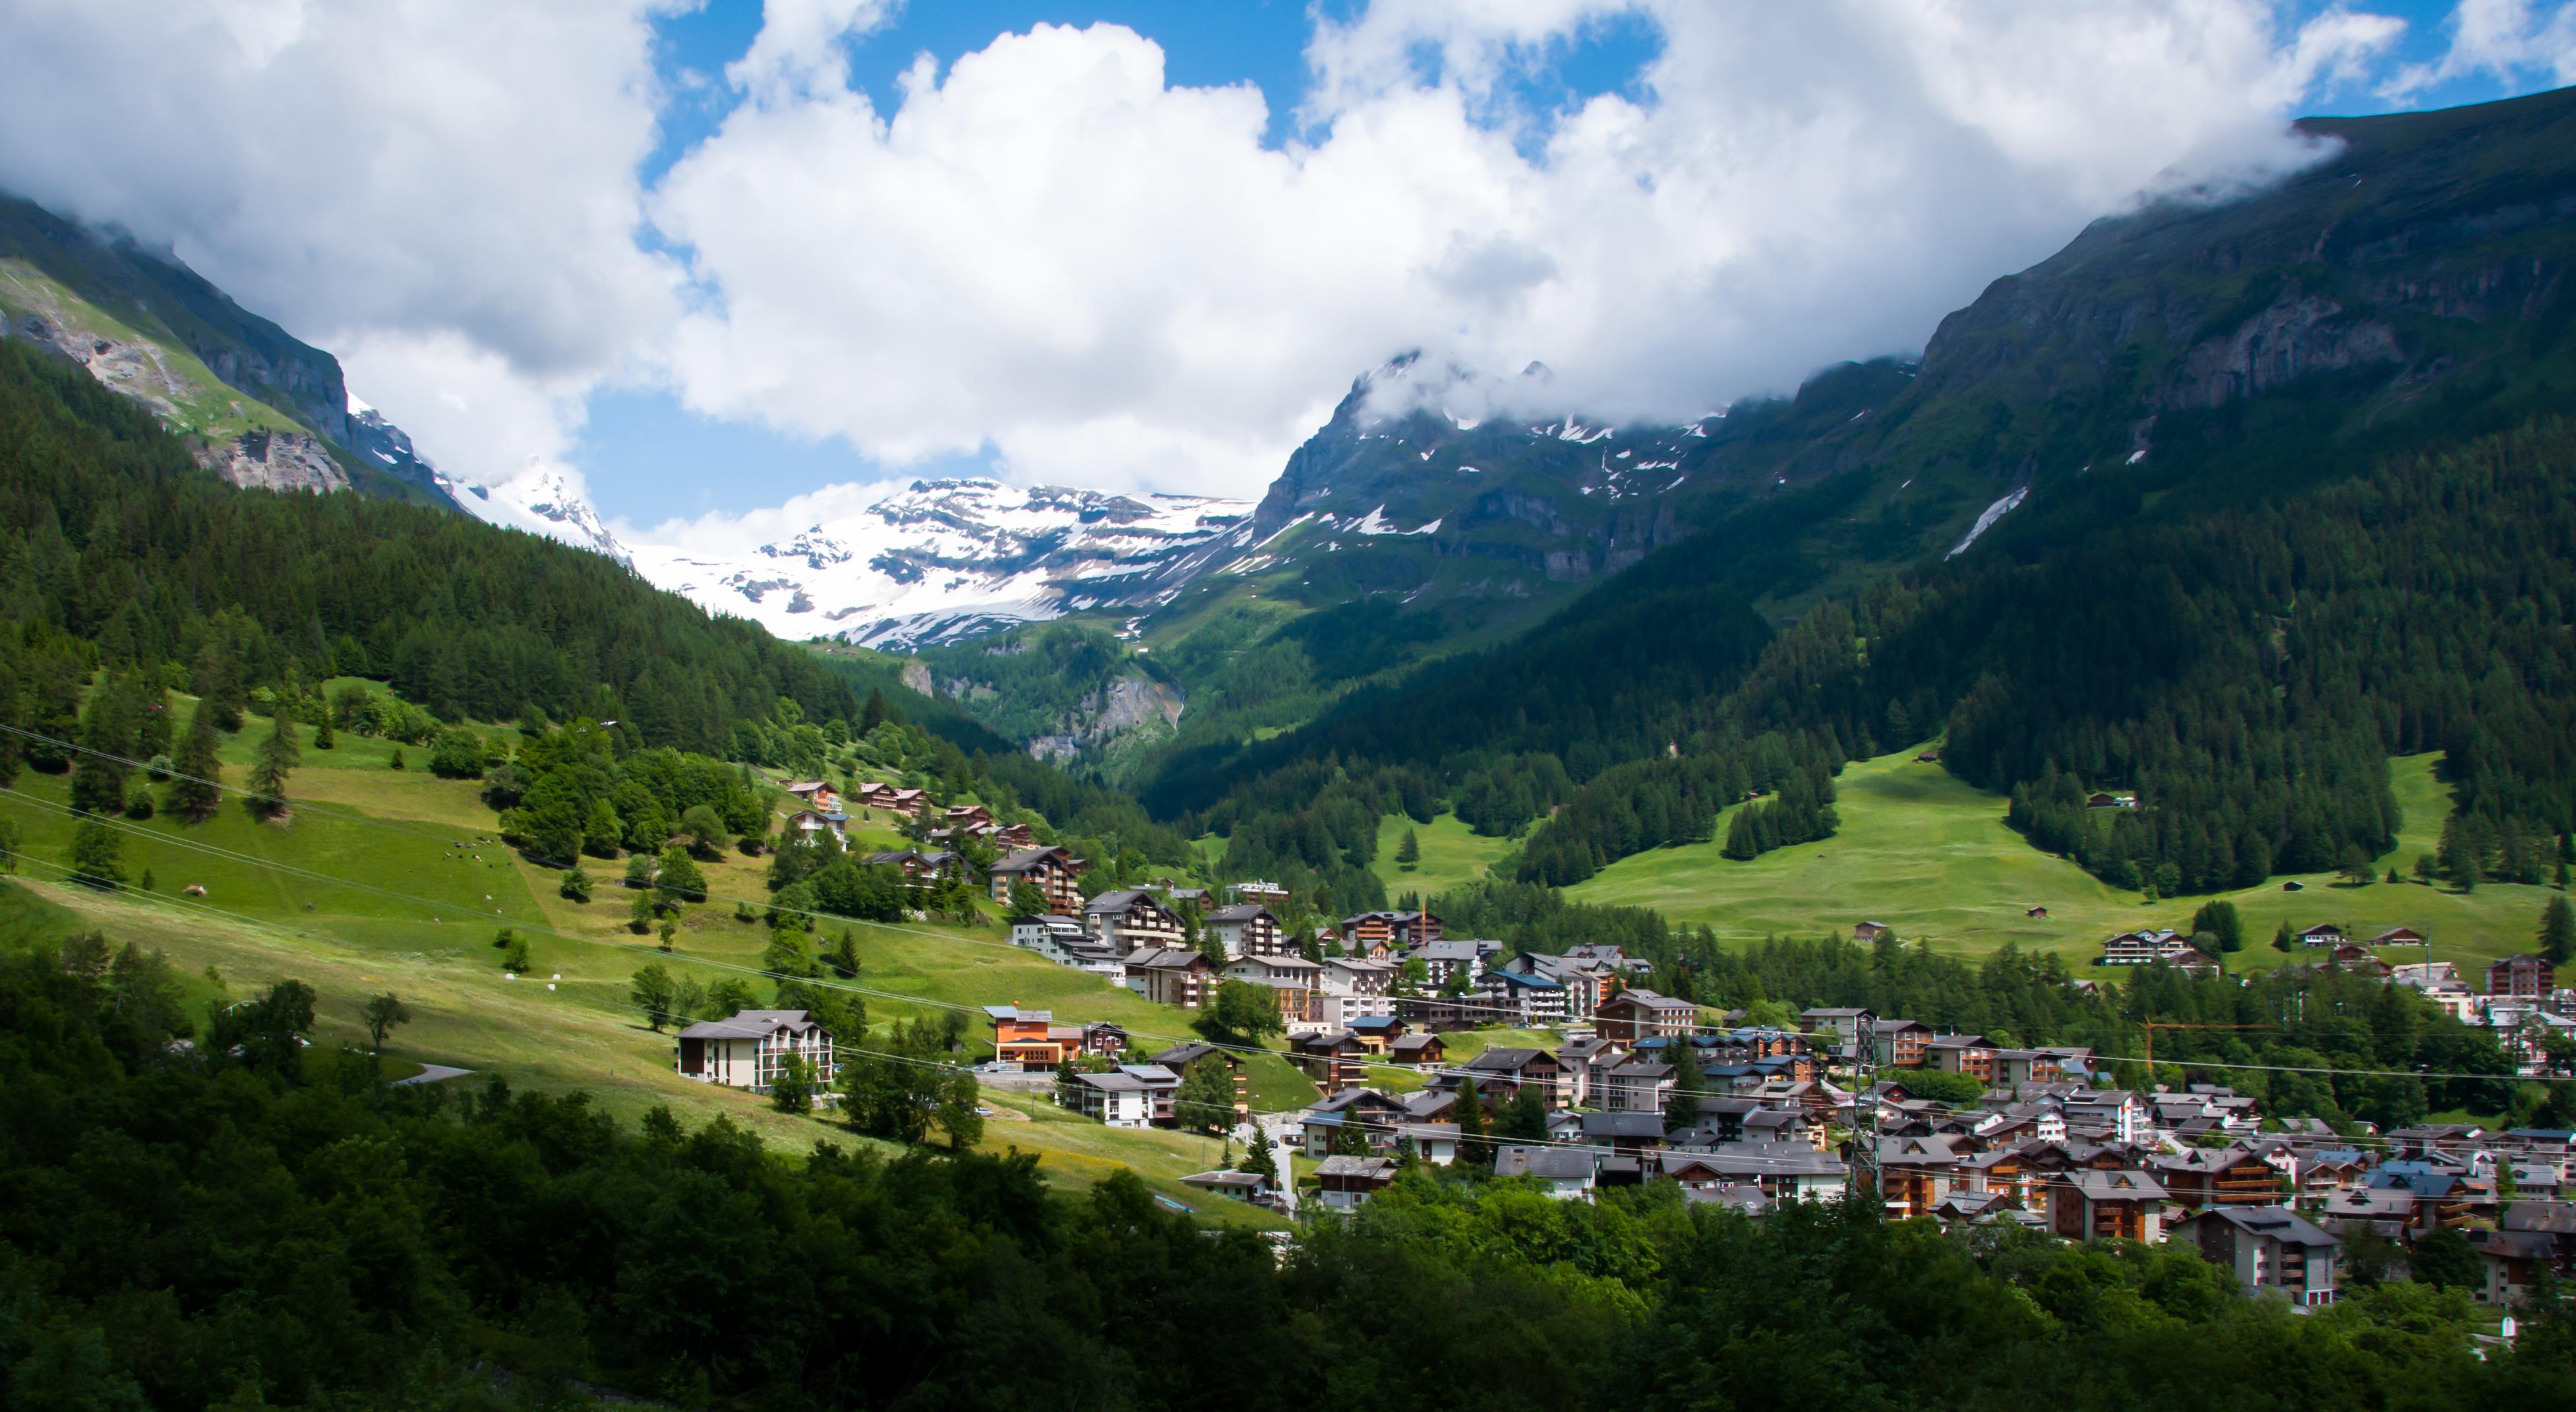 Village In Switzerland 4 Hd Wallpaper Background Image